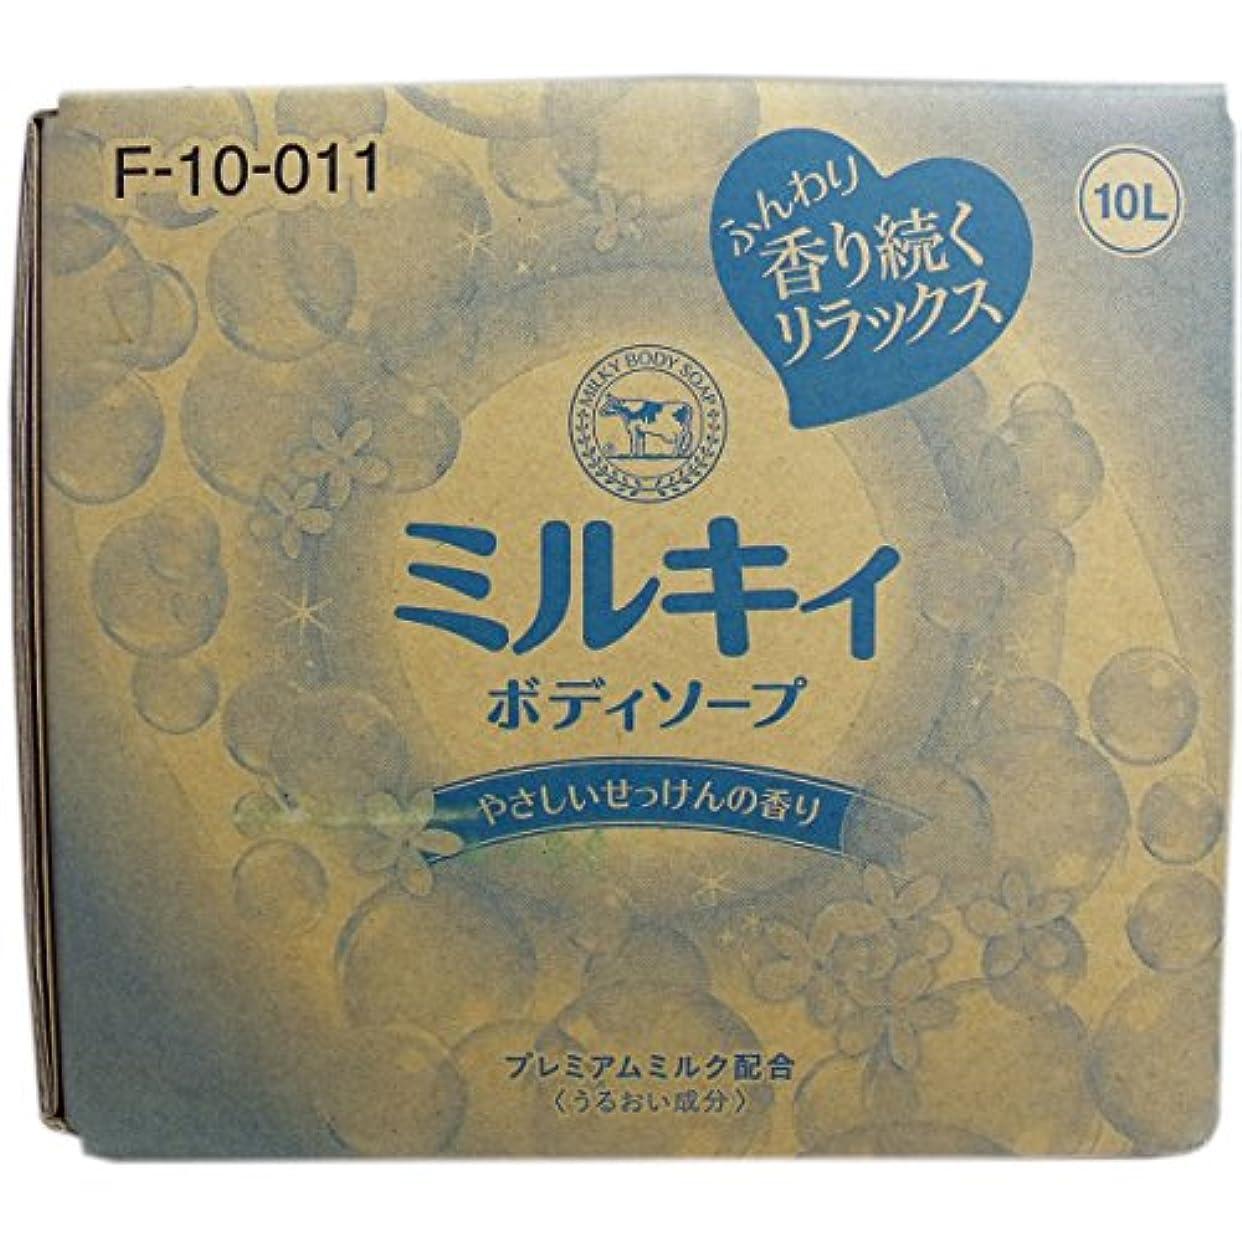 高い最少シャッフルミルキィ ボディソープ やさしいせっけんの香り 業務用 10L